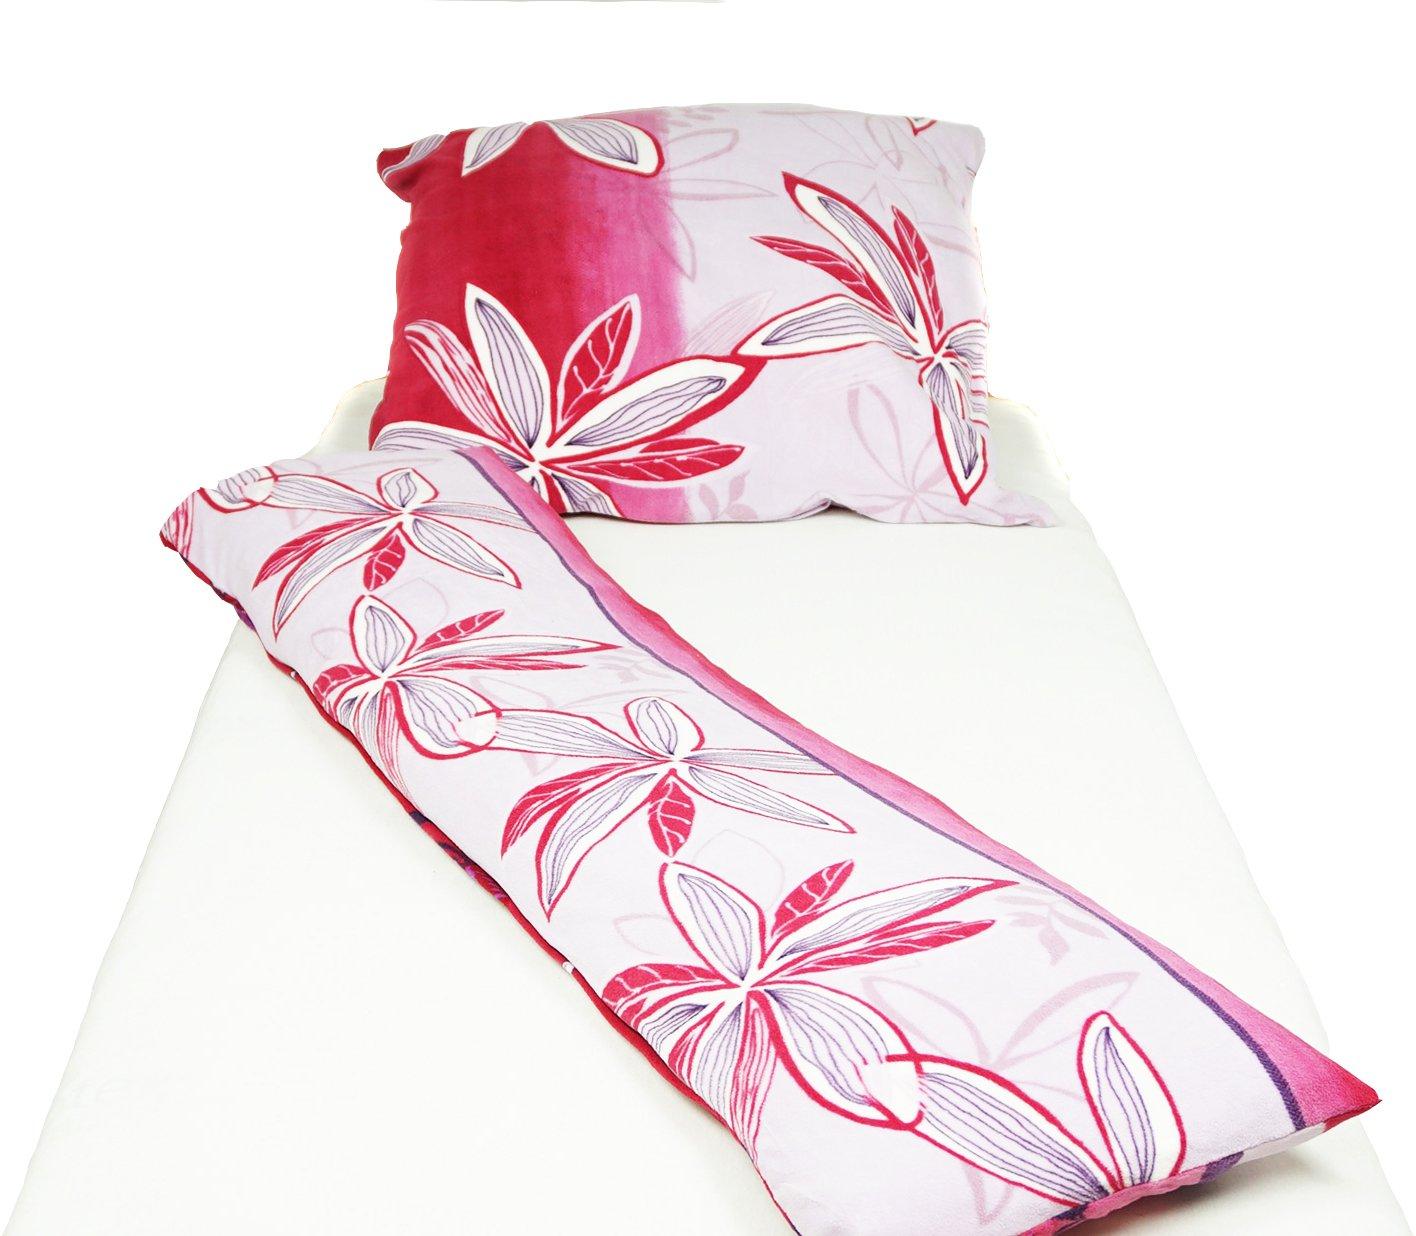 qvc bettw sche klappbare lattenroste bettw sche himmel schlafzimmer m bel kommode. Black Bedroom Furniture Sets. Home Design Ideas